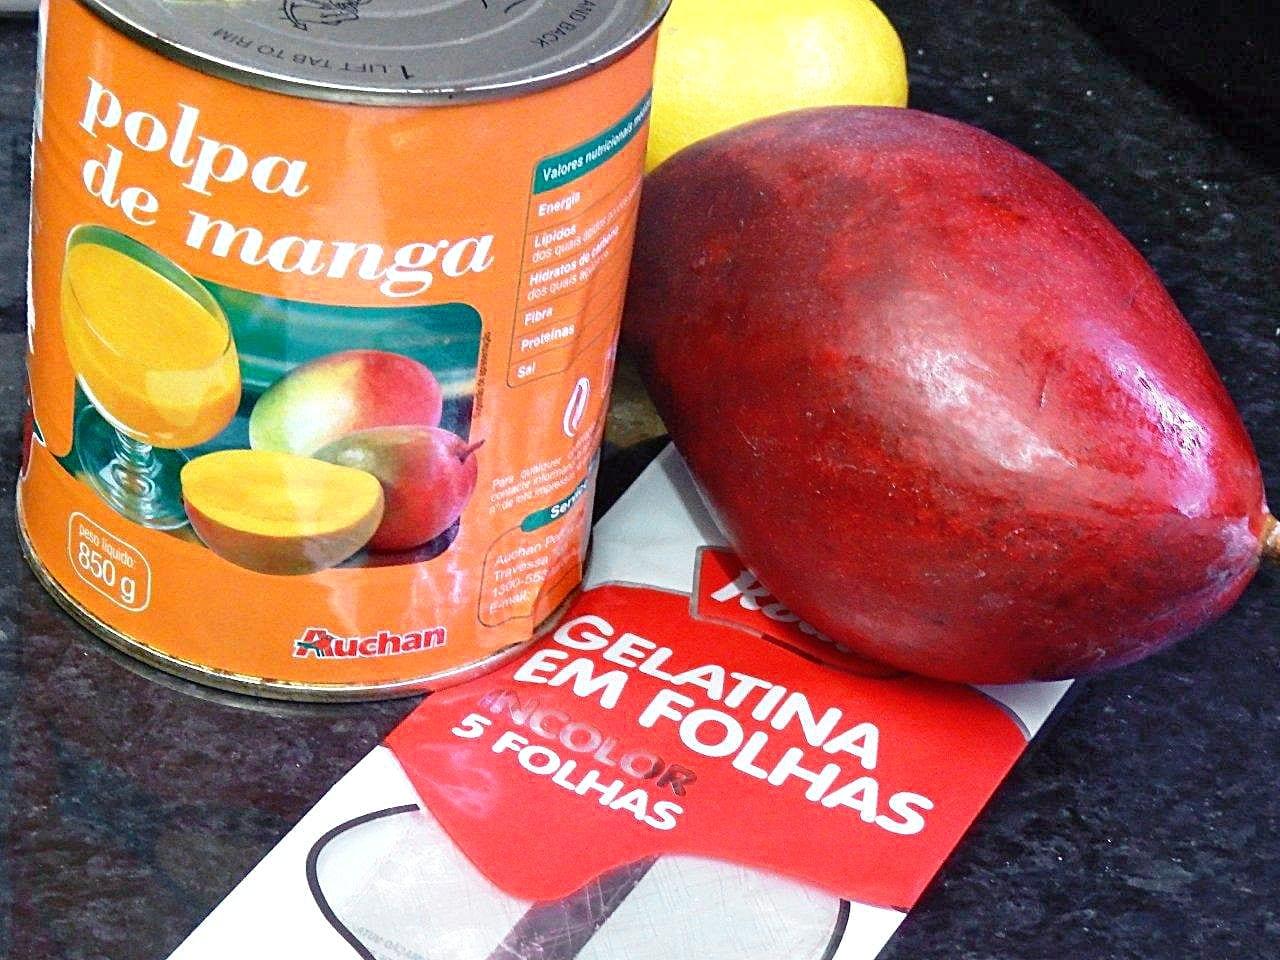 gelatina e manga com polpa de manga - Grafe e Faca. pudim frio de manga com molho de morango - Pudim frio de manga com molho de morango